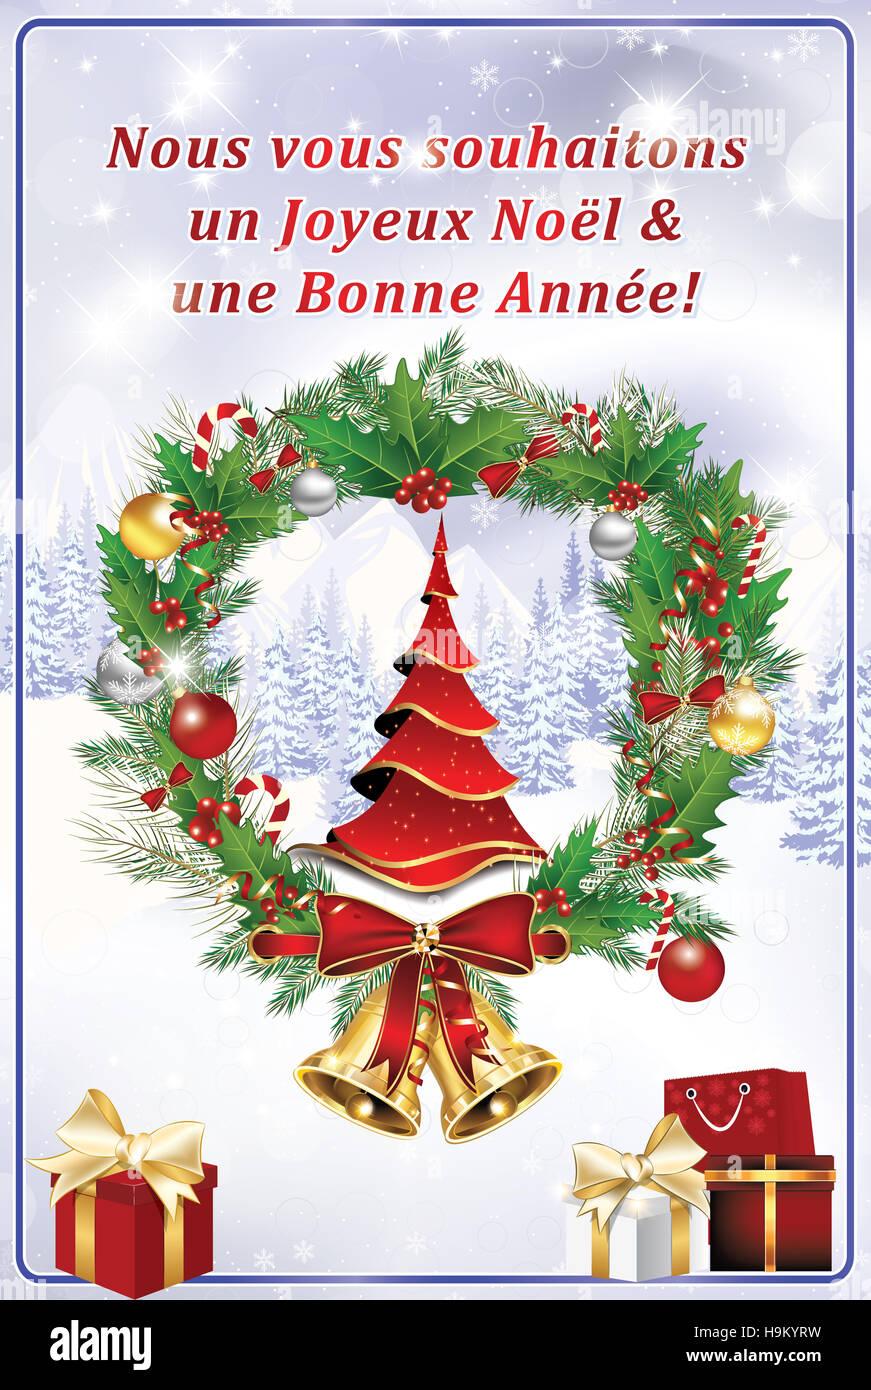 Chanson Joyeux Noel.Nous Souhaitons Joyeux Noel Et Bonne Annee Chanson